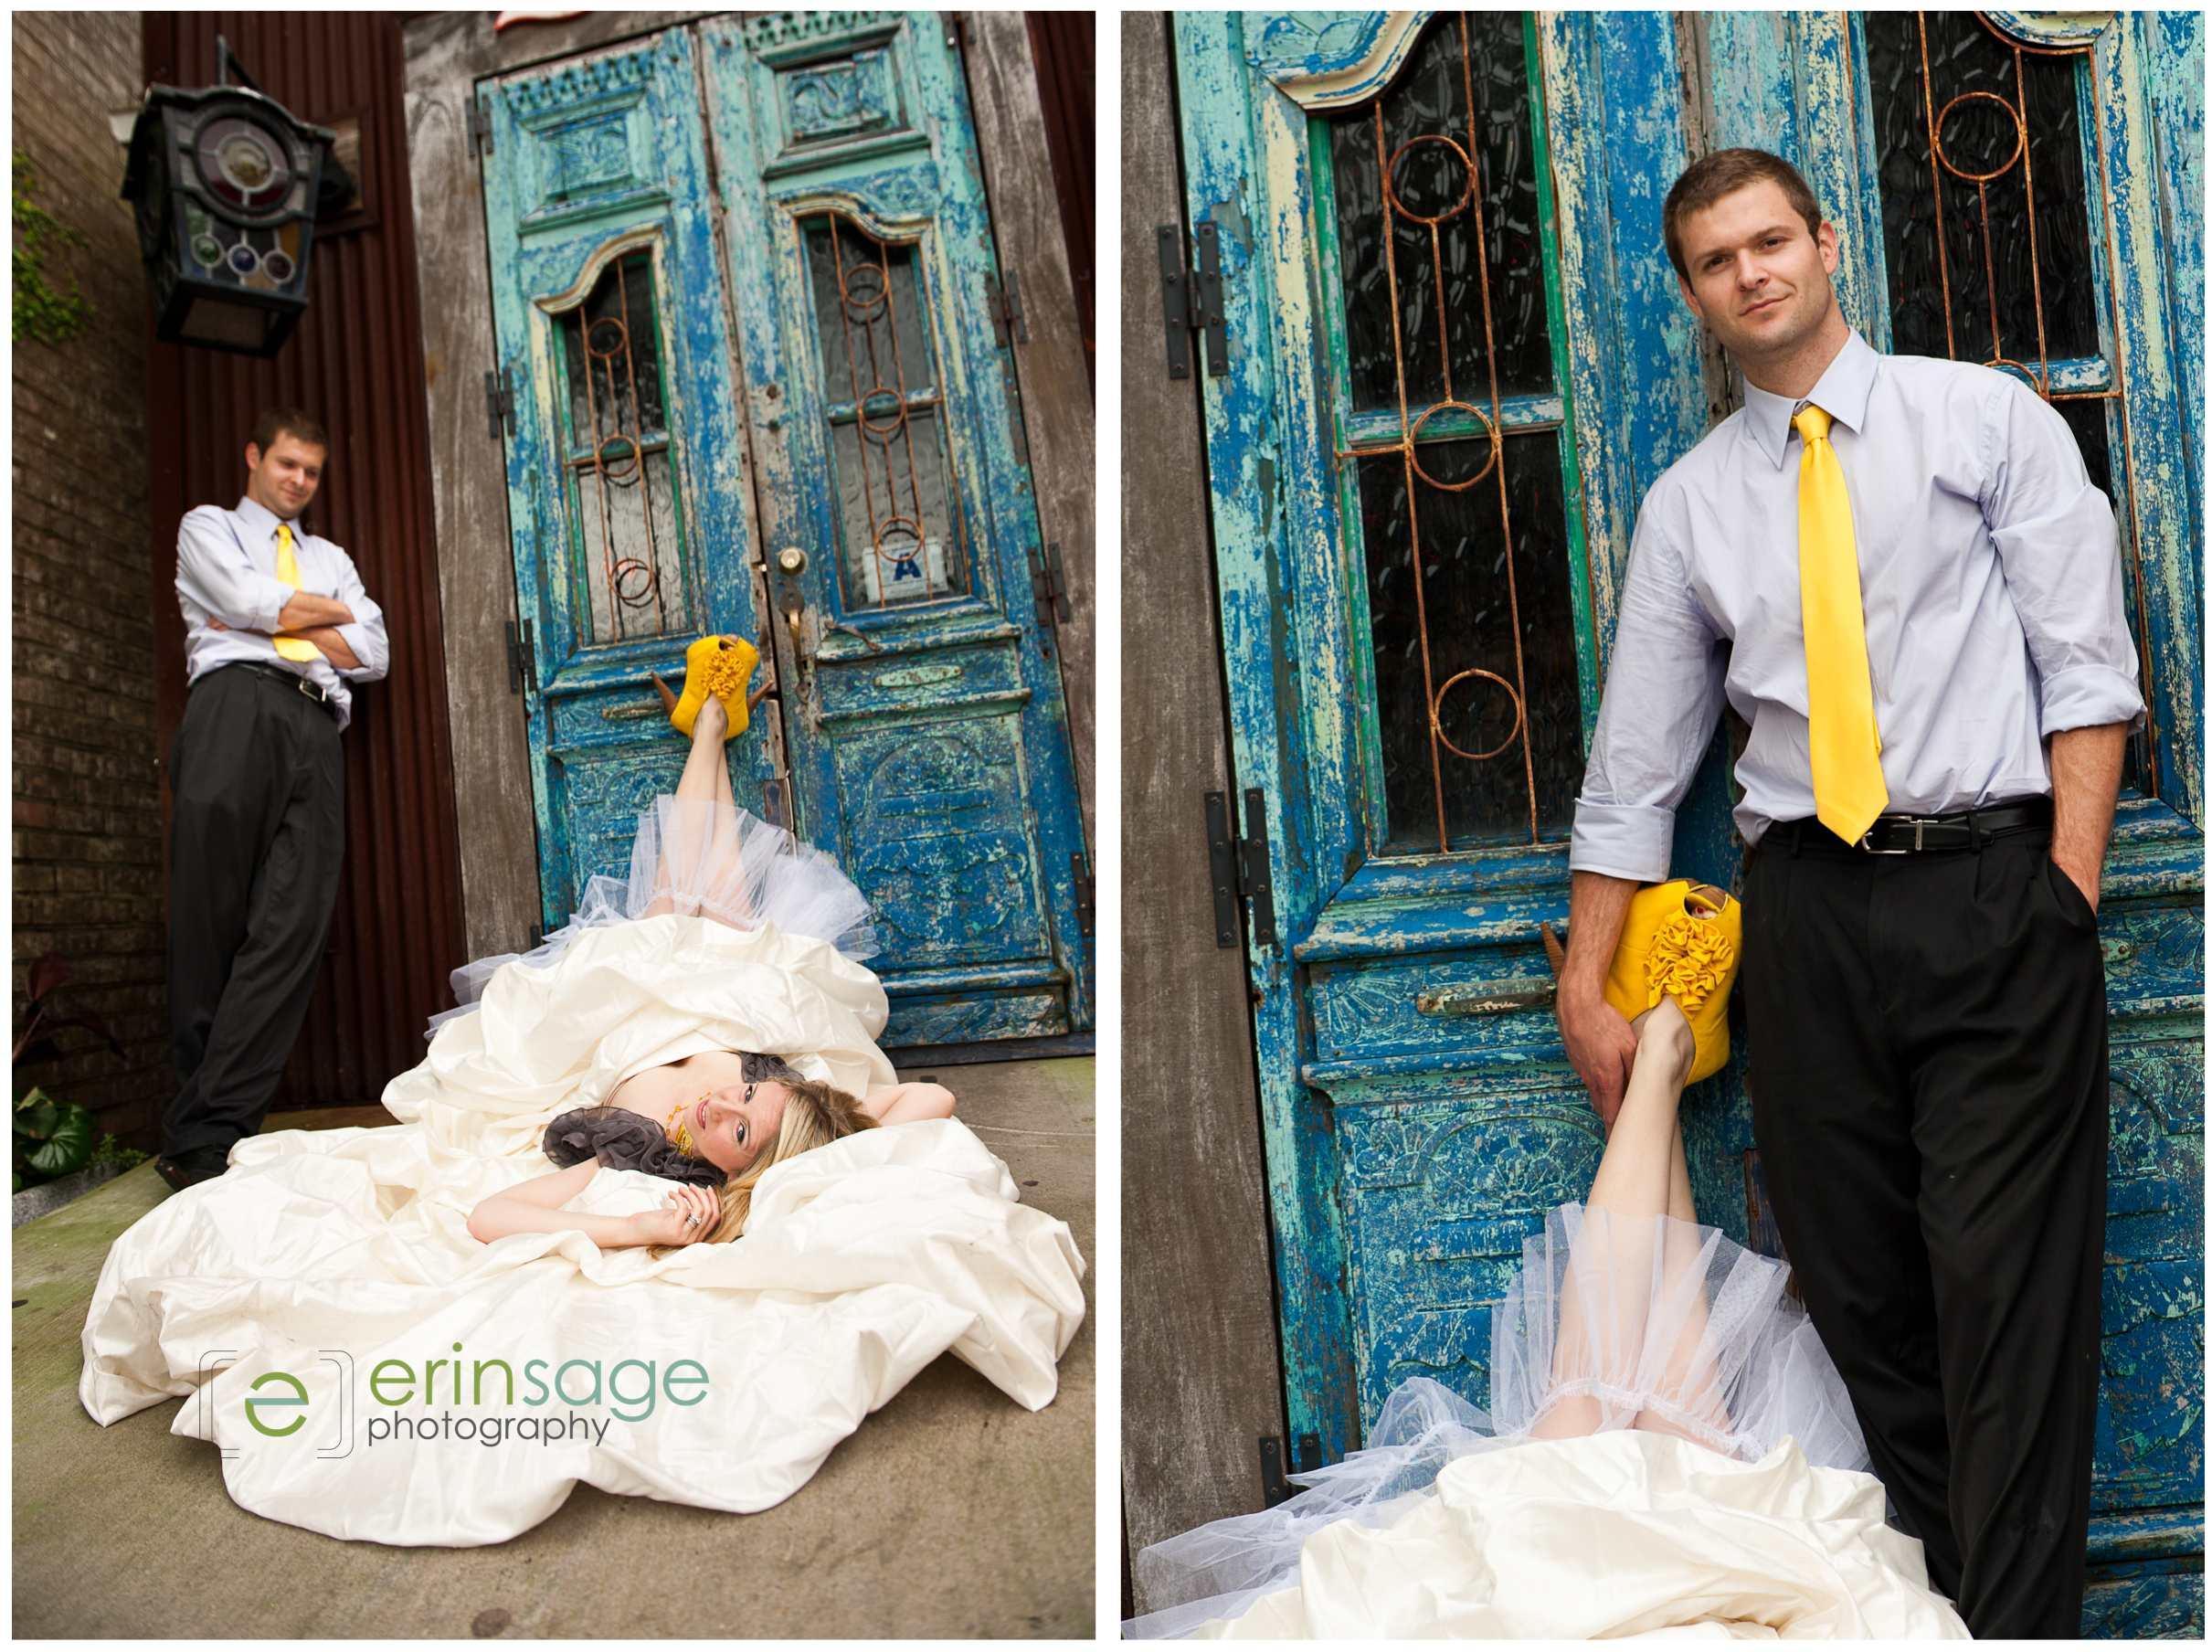 Erin Sage Photography Blog - Journal - Lindsay & Monty: Trash The ...